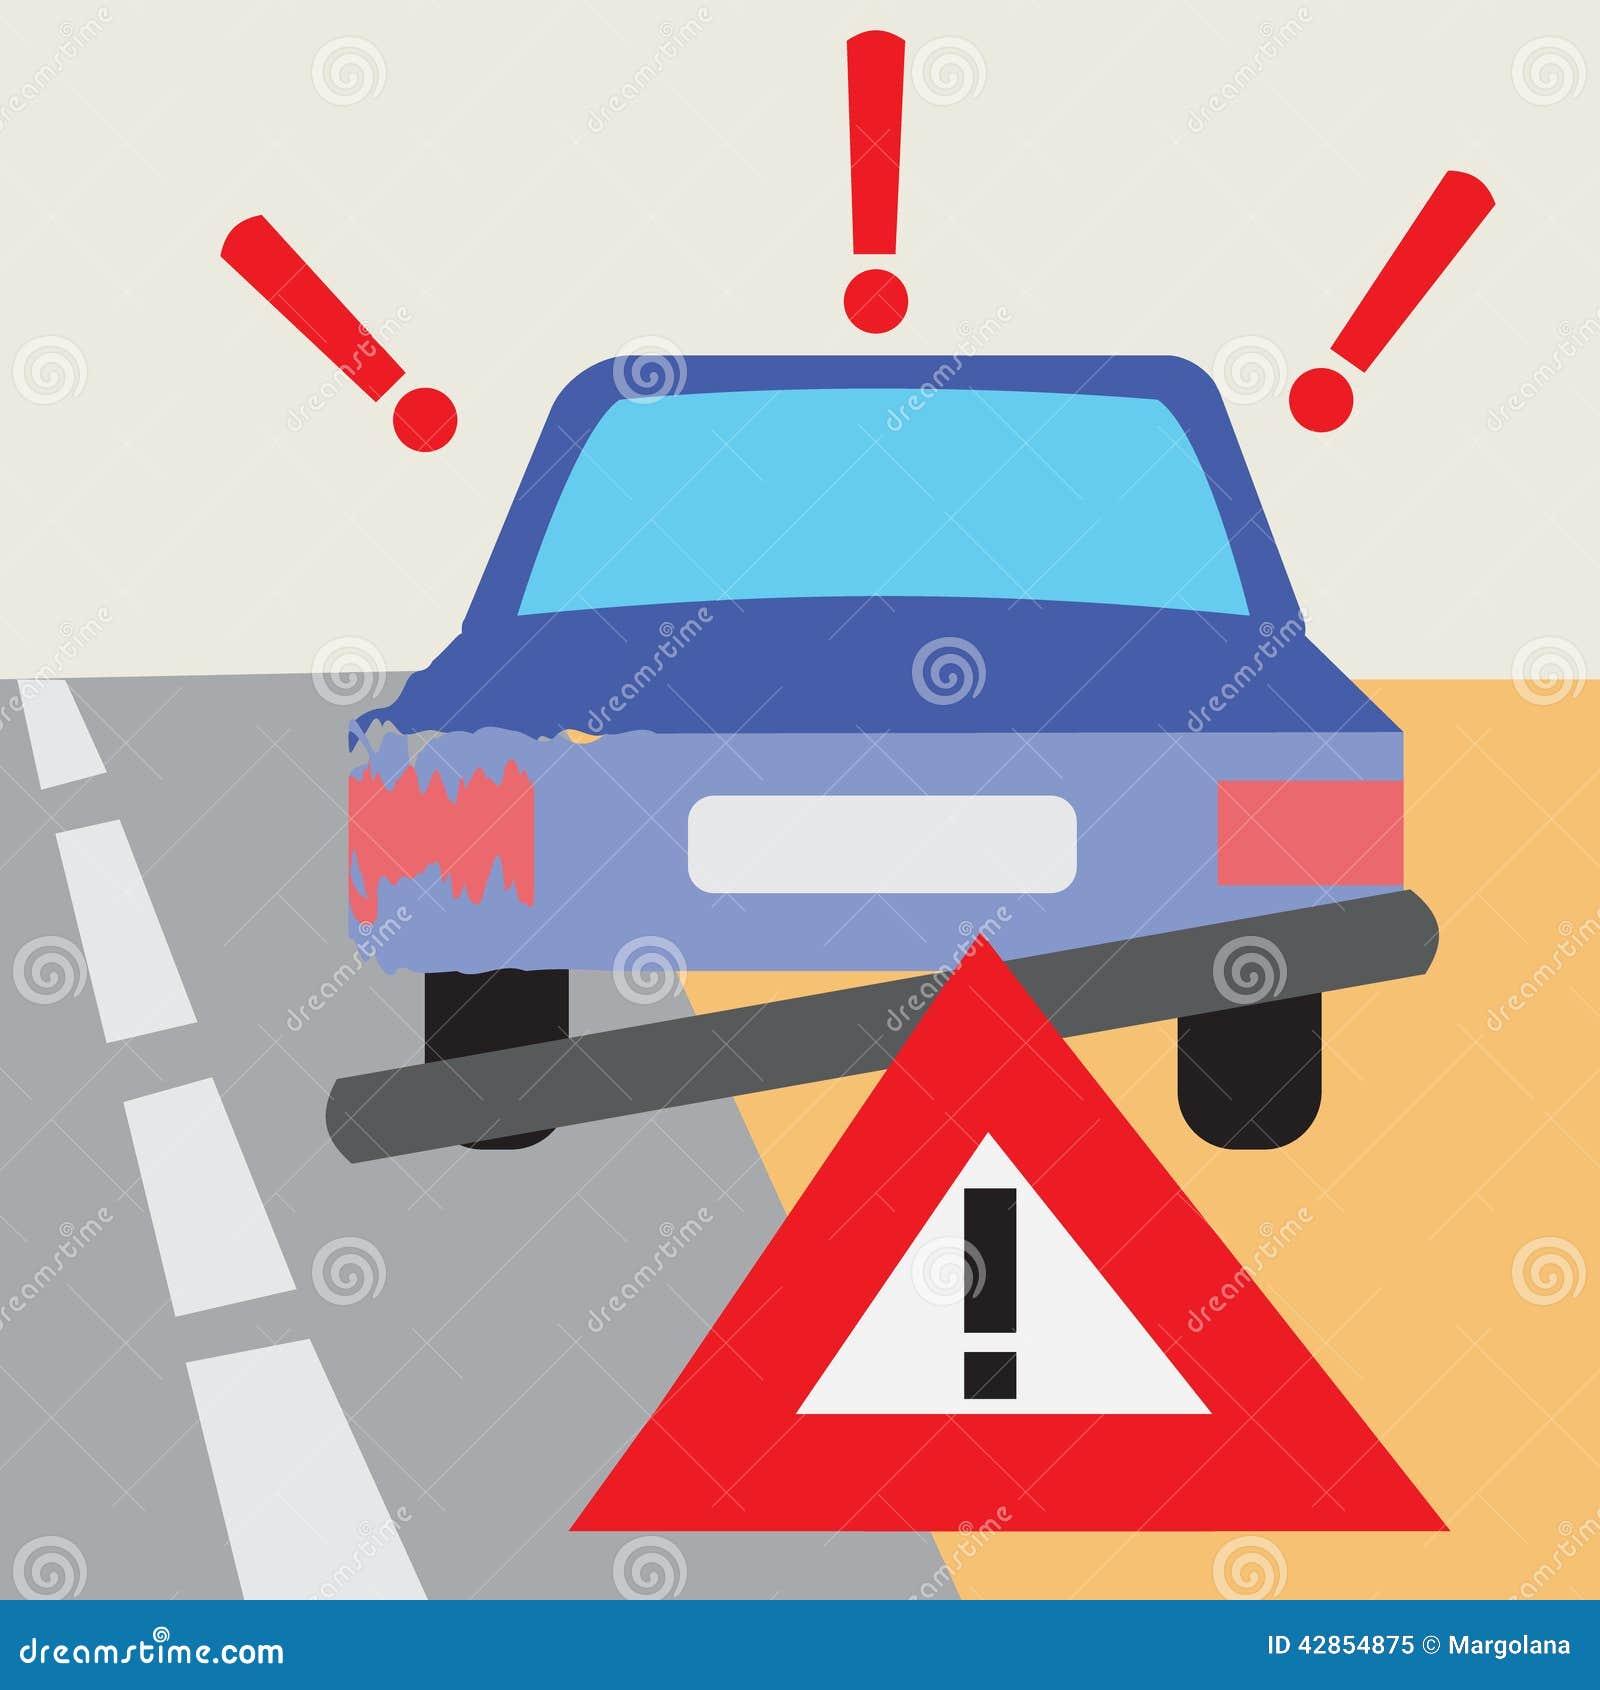 Home Design 3d Keeps Crashing: Car Accident Illustration Vector Illustration